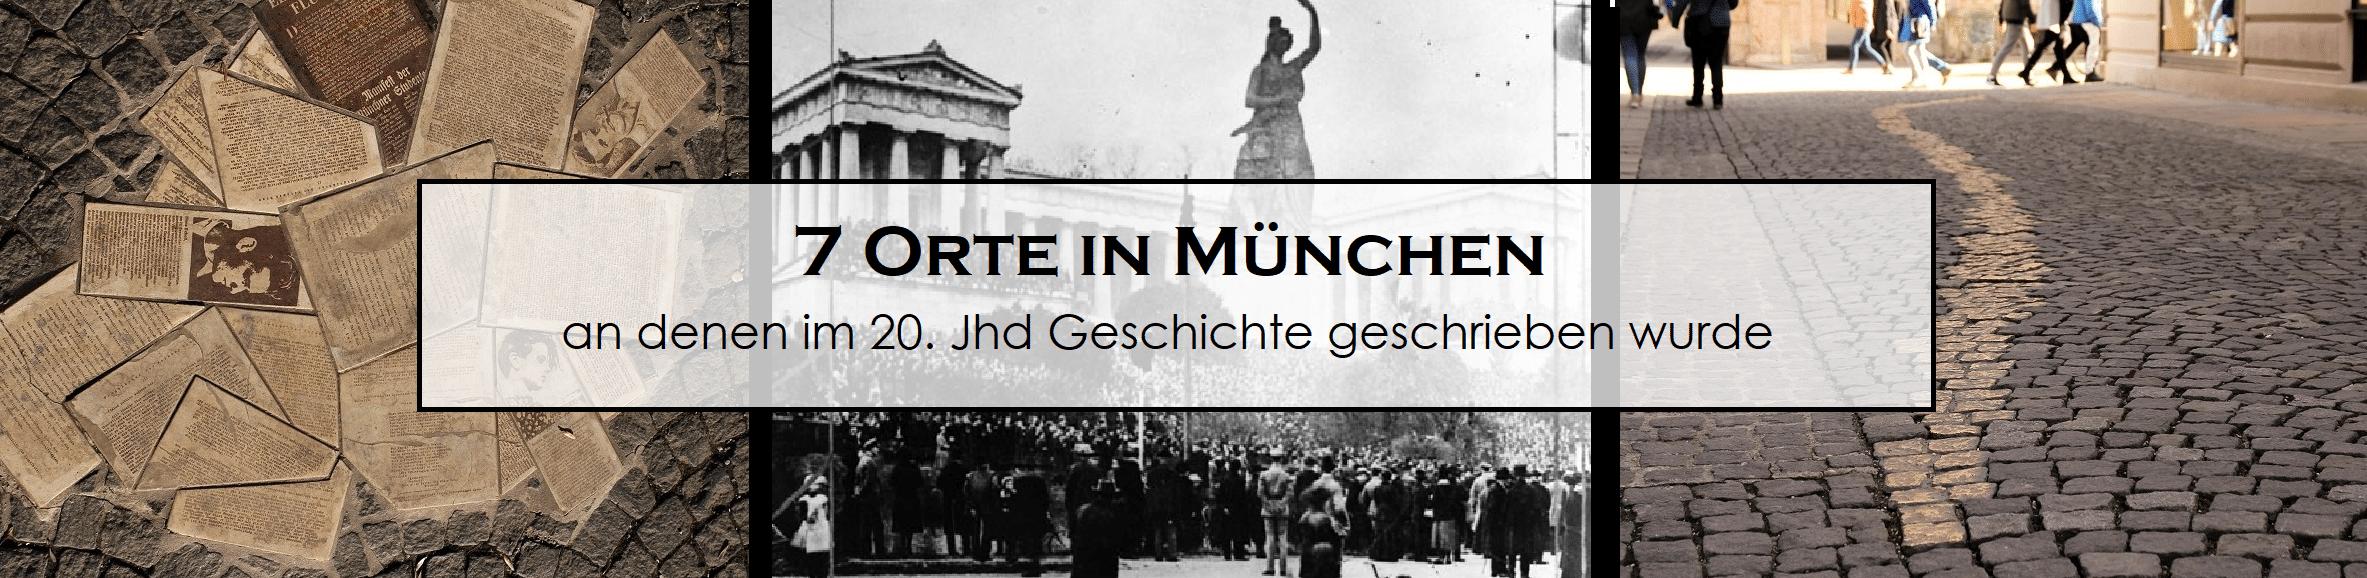 7 Orte in München, an denen man im 20. Jahrhundert Geschichte schrieb